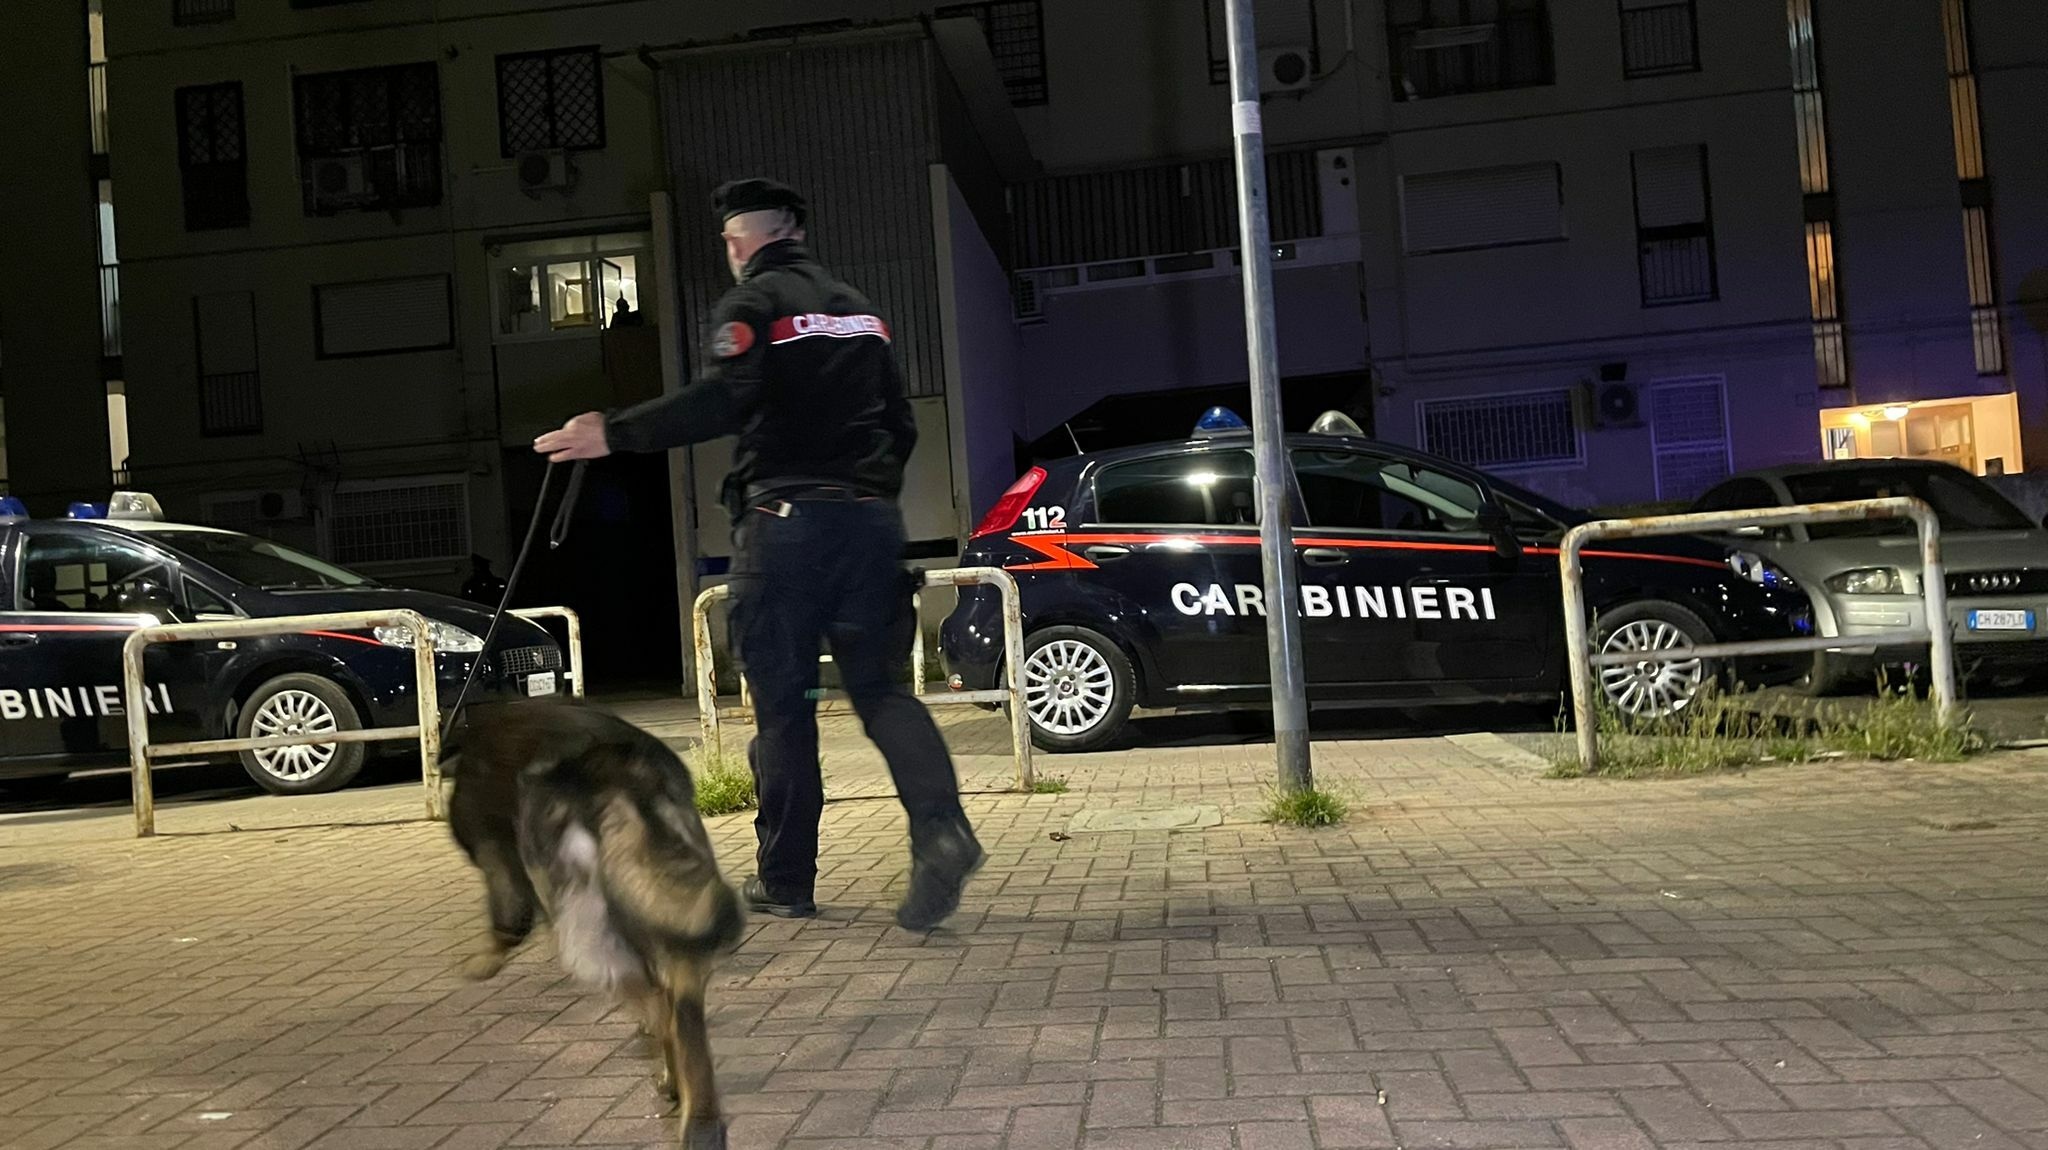 L'operazione antidroga dei Carabinieri a Tor Bella Monaca (8)-2